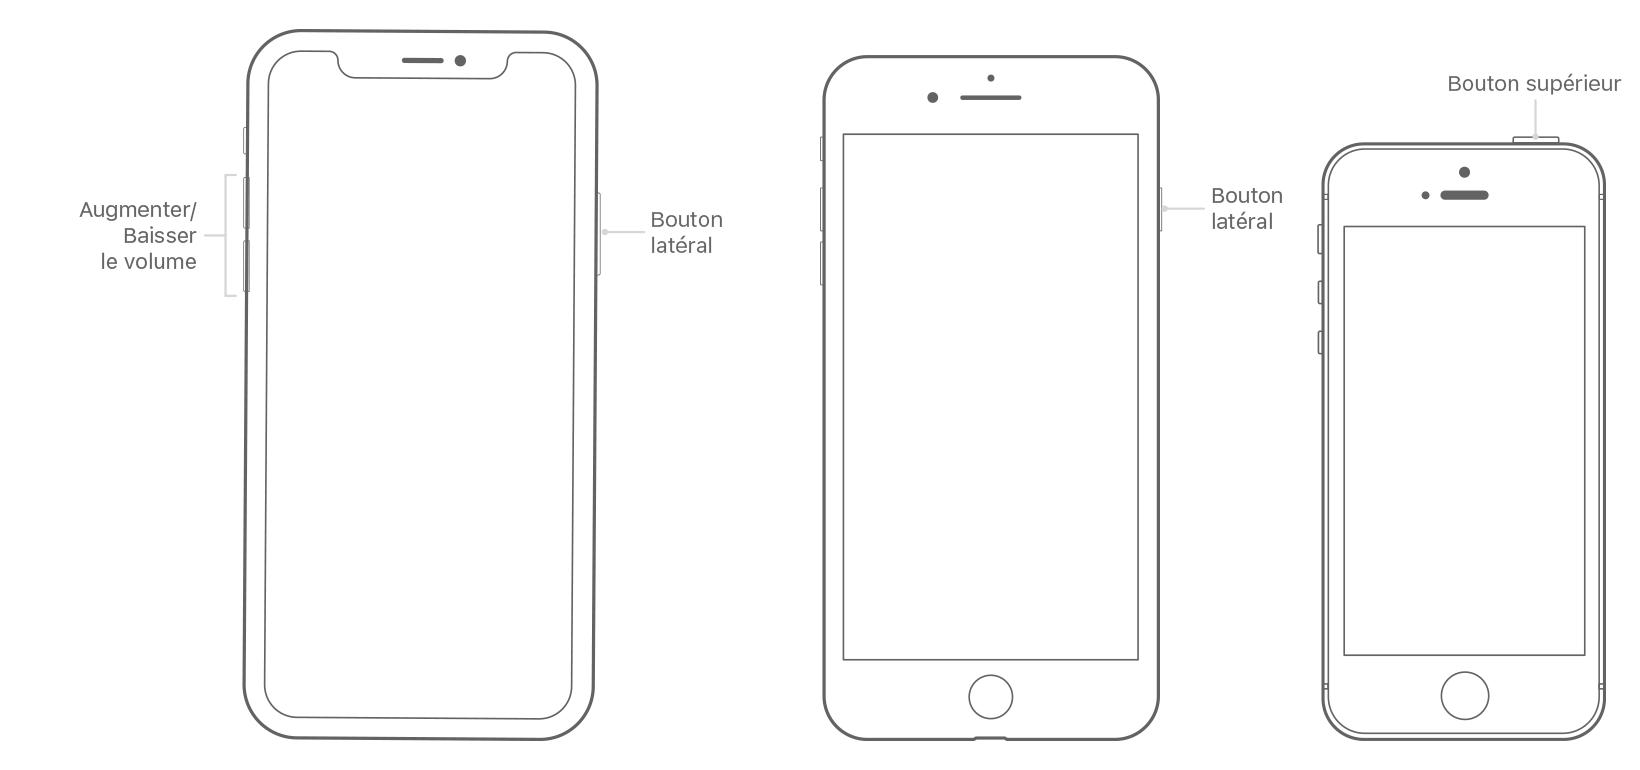 Faire un redémarrage forcé pour résoudre le problème de l'iPhone bloqué sur le logo Apple